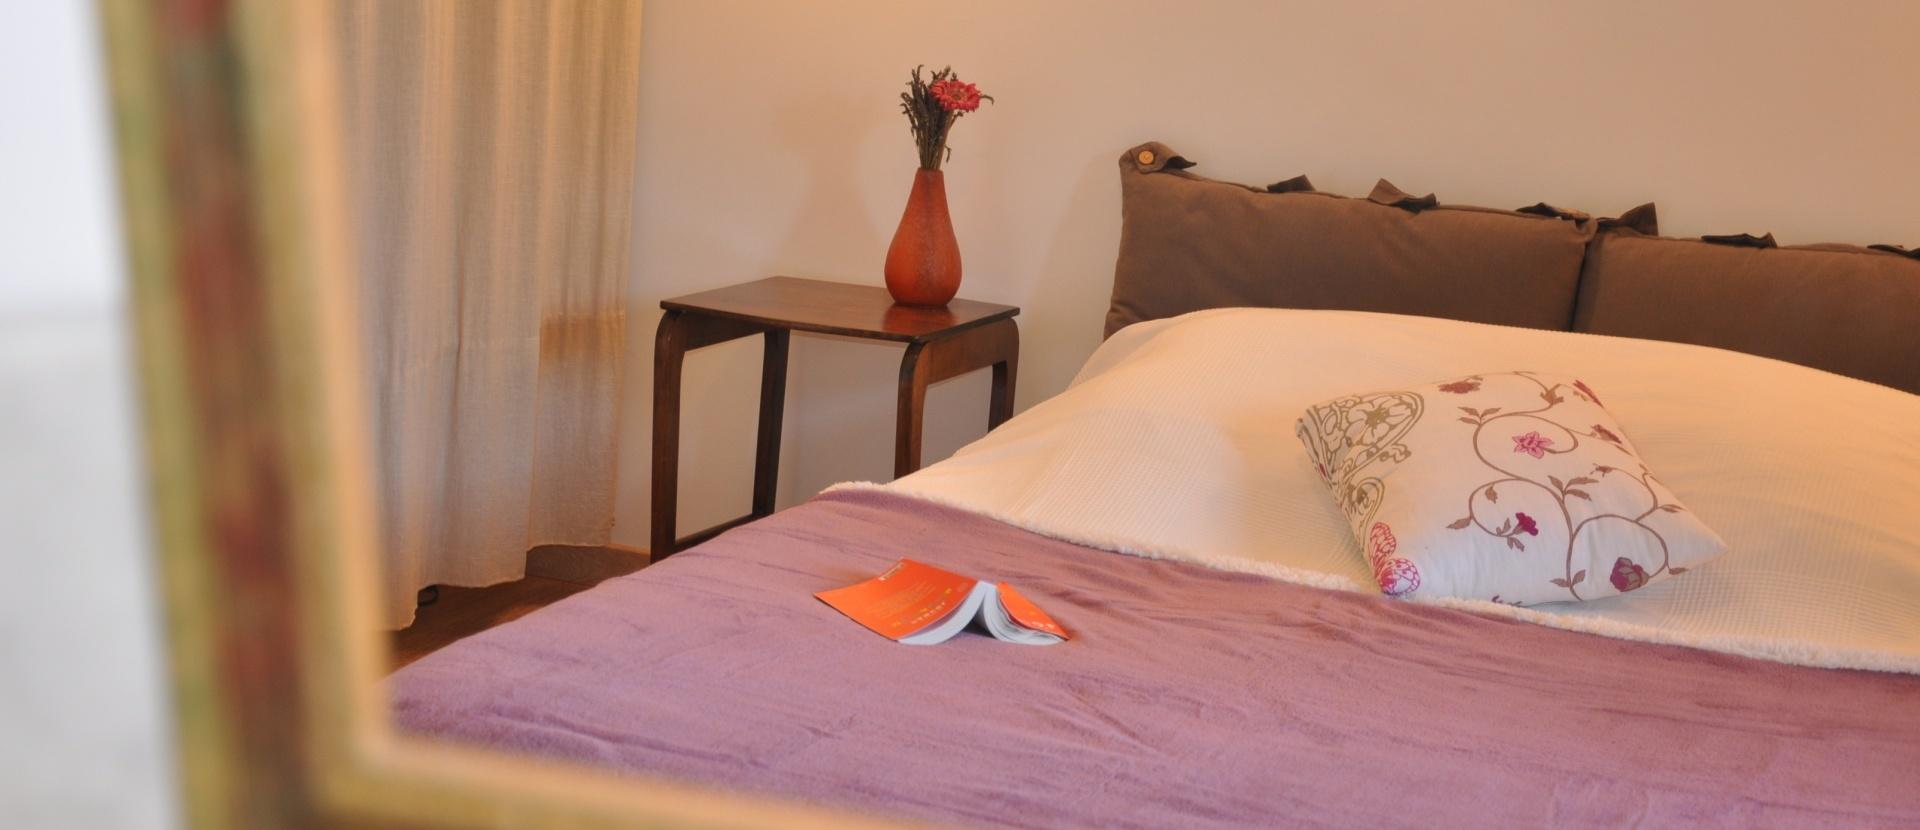 le g te carpe diem chateau d 39 alen on. Black Bedroom Furniture Sets. Home Design Ideas